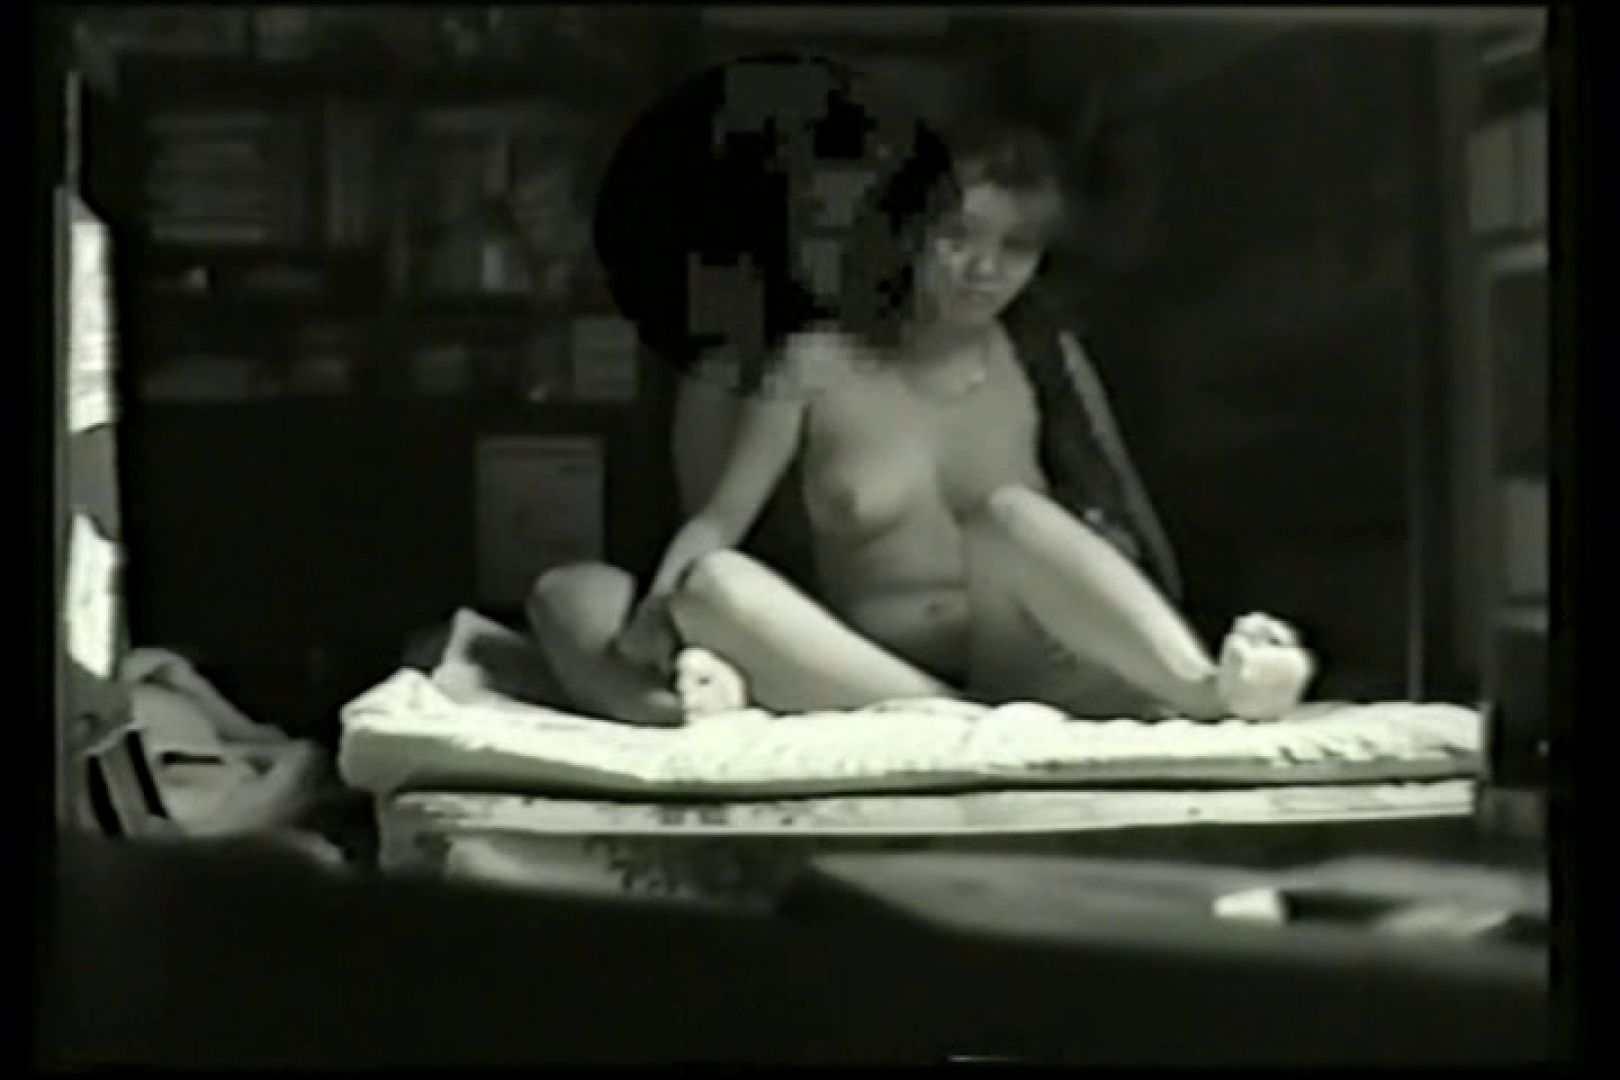 素人嬢をホテルに連れ込みアンナ事・コンナ事!?Vol.5 ホテル 盗撮ヌード画像 99画像 23